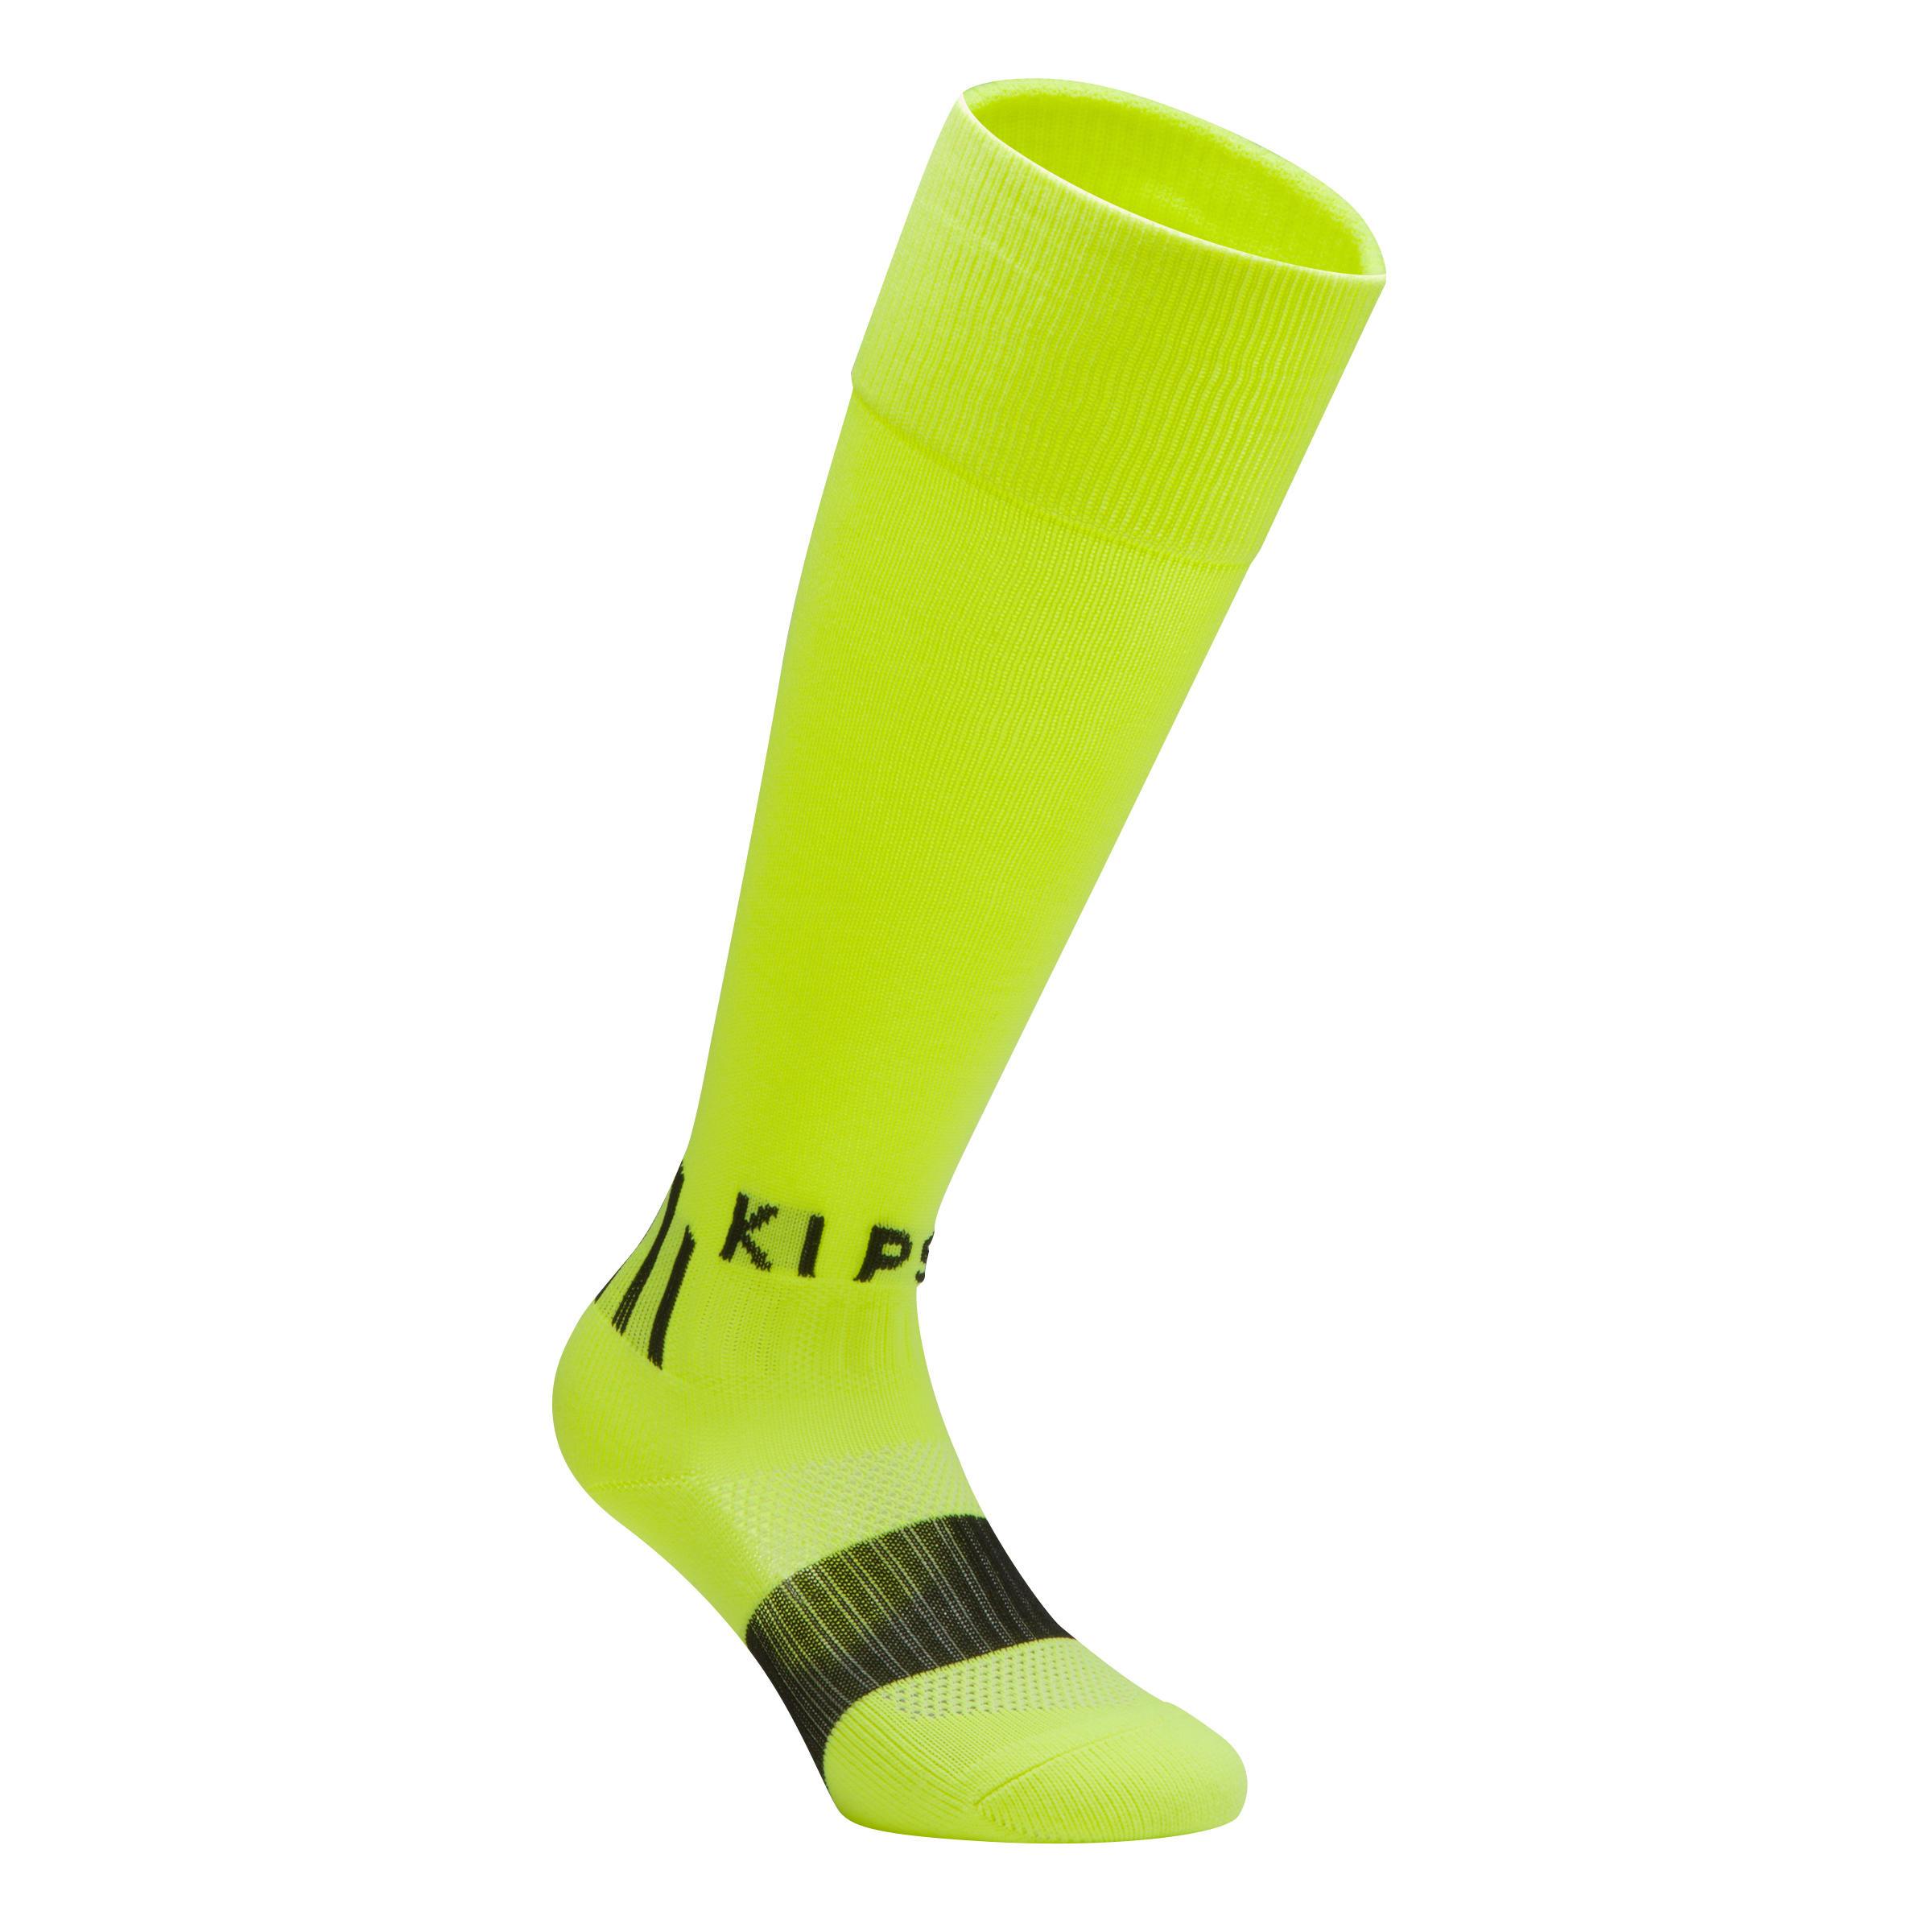 F500 Children's Knee-High Football Socks - Neon Yellow